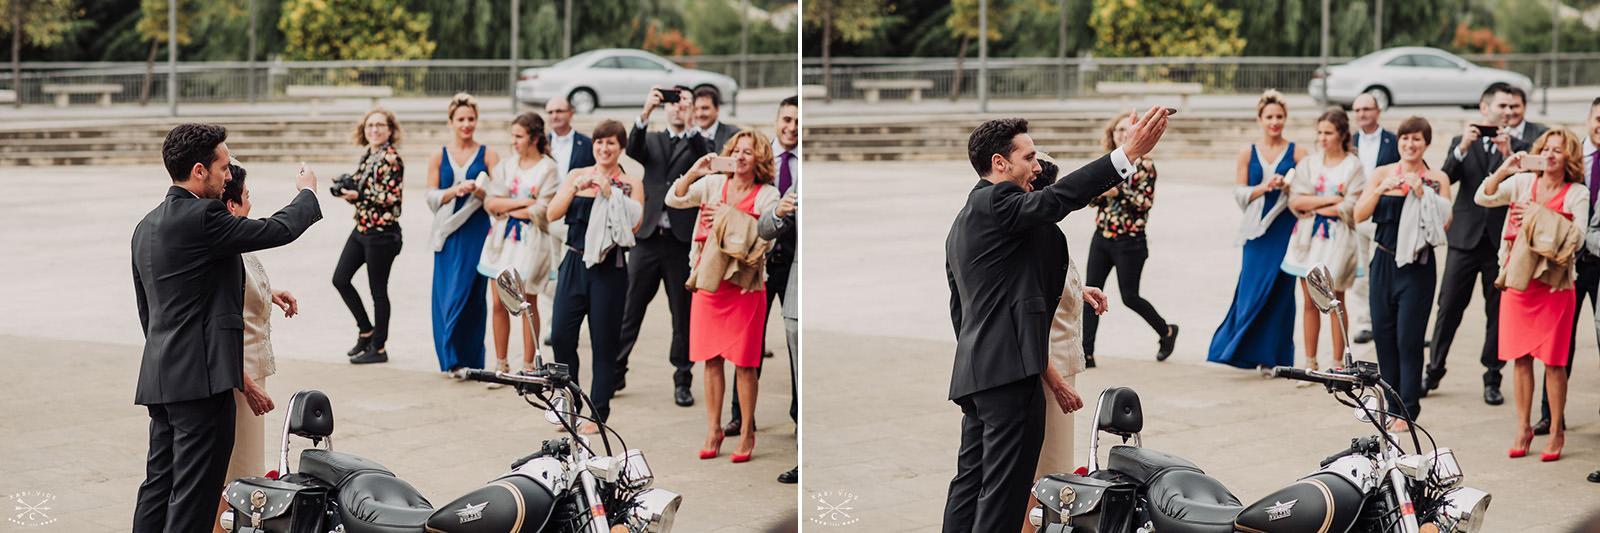 fotógrafo de bodas en calahorra-43